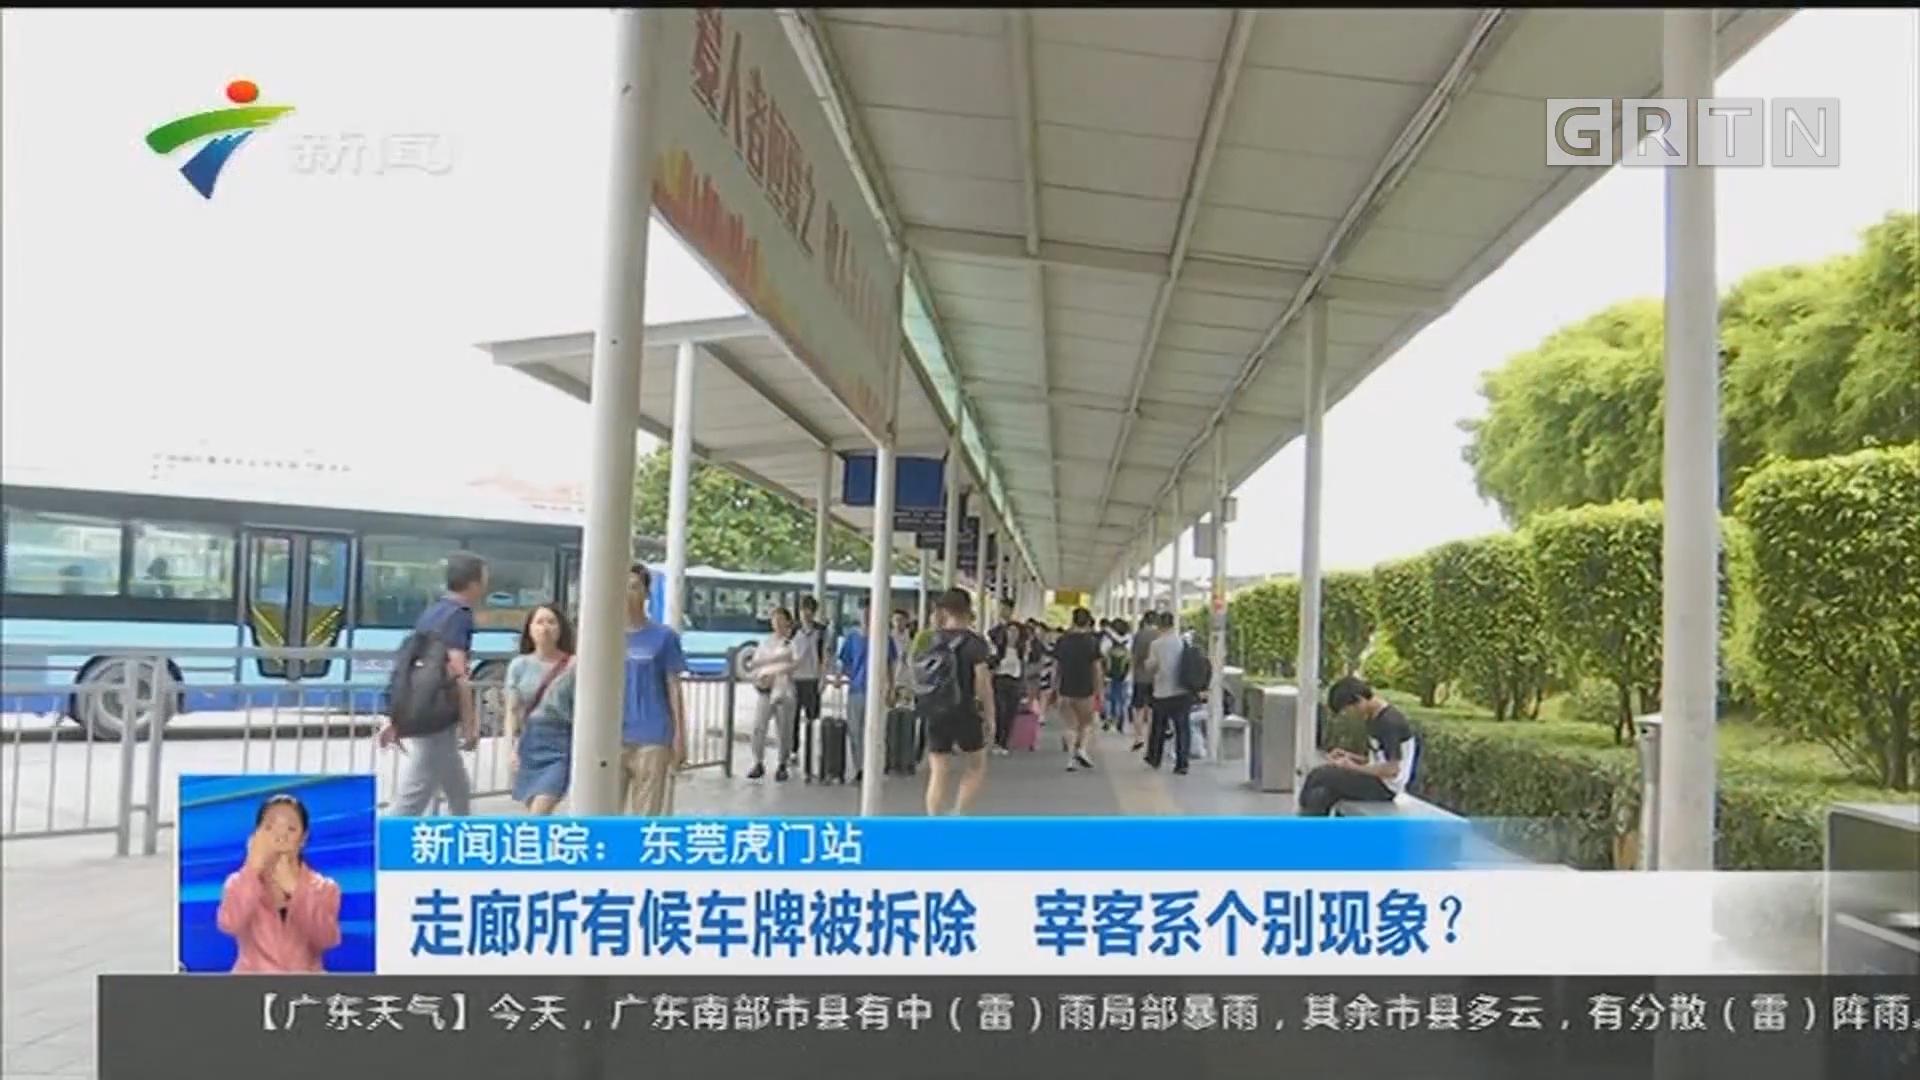 新闻追踪:东莞虎门站 走廊所有候车牌被拆除 宰客系个别现象?